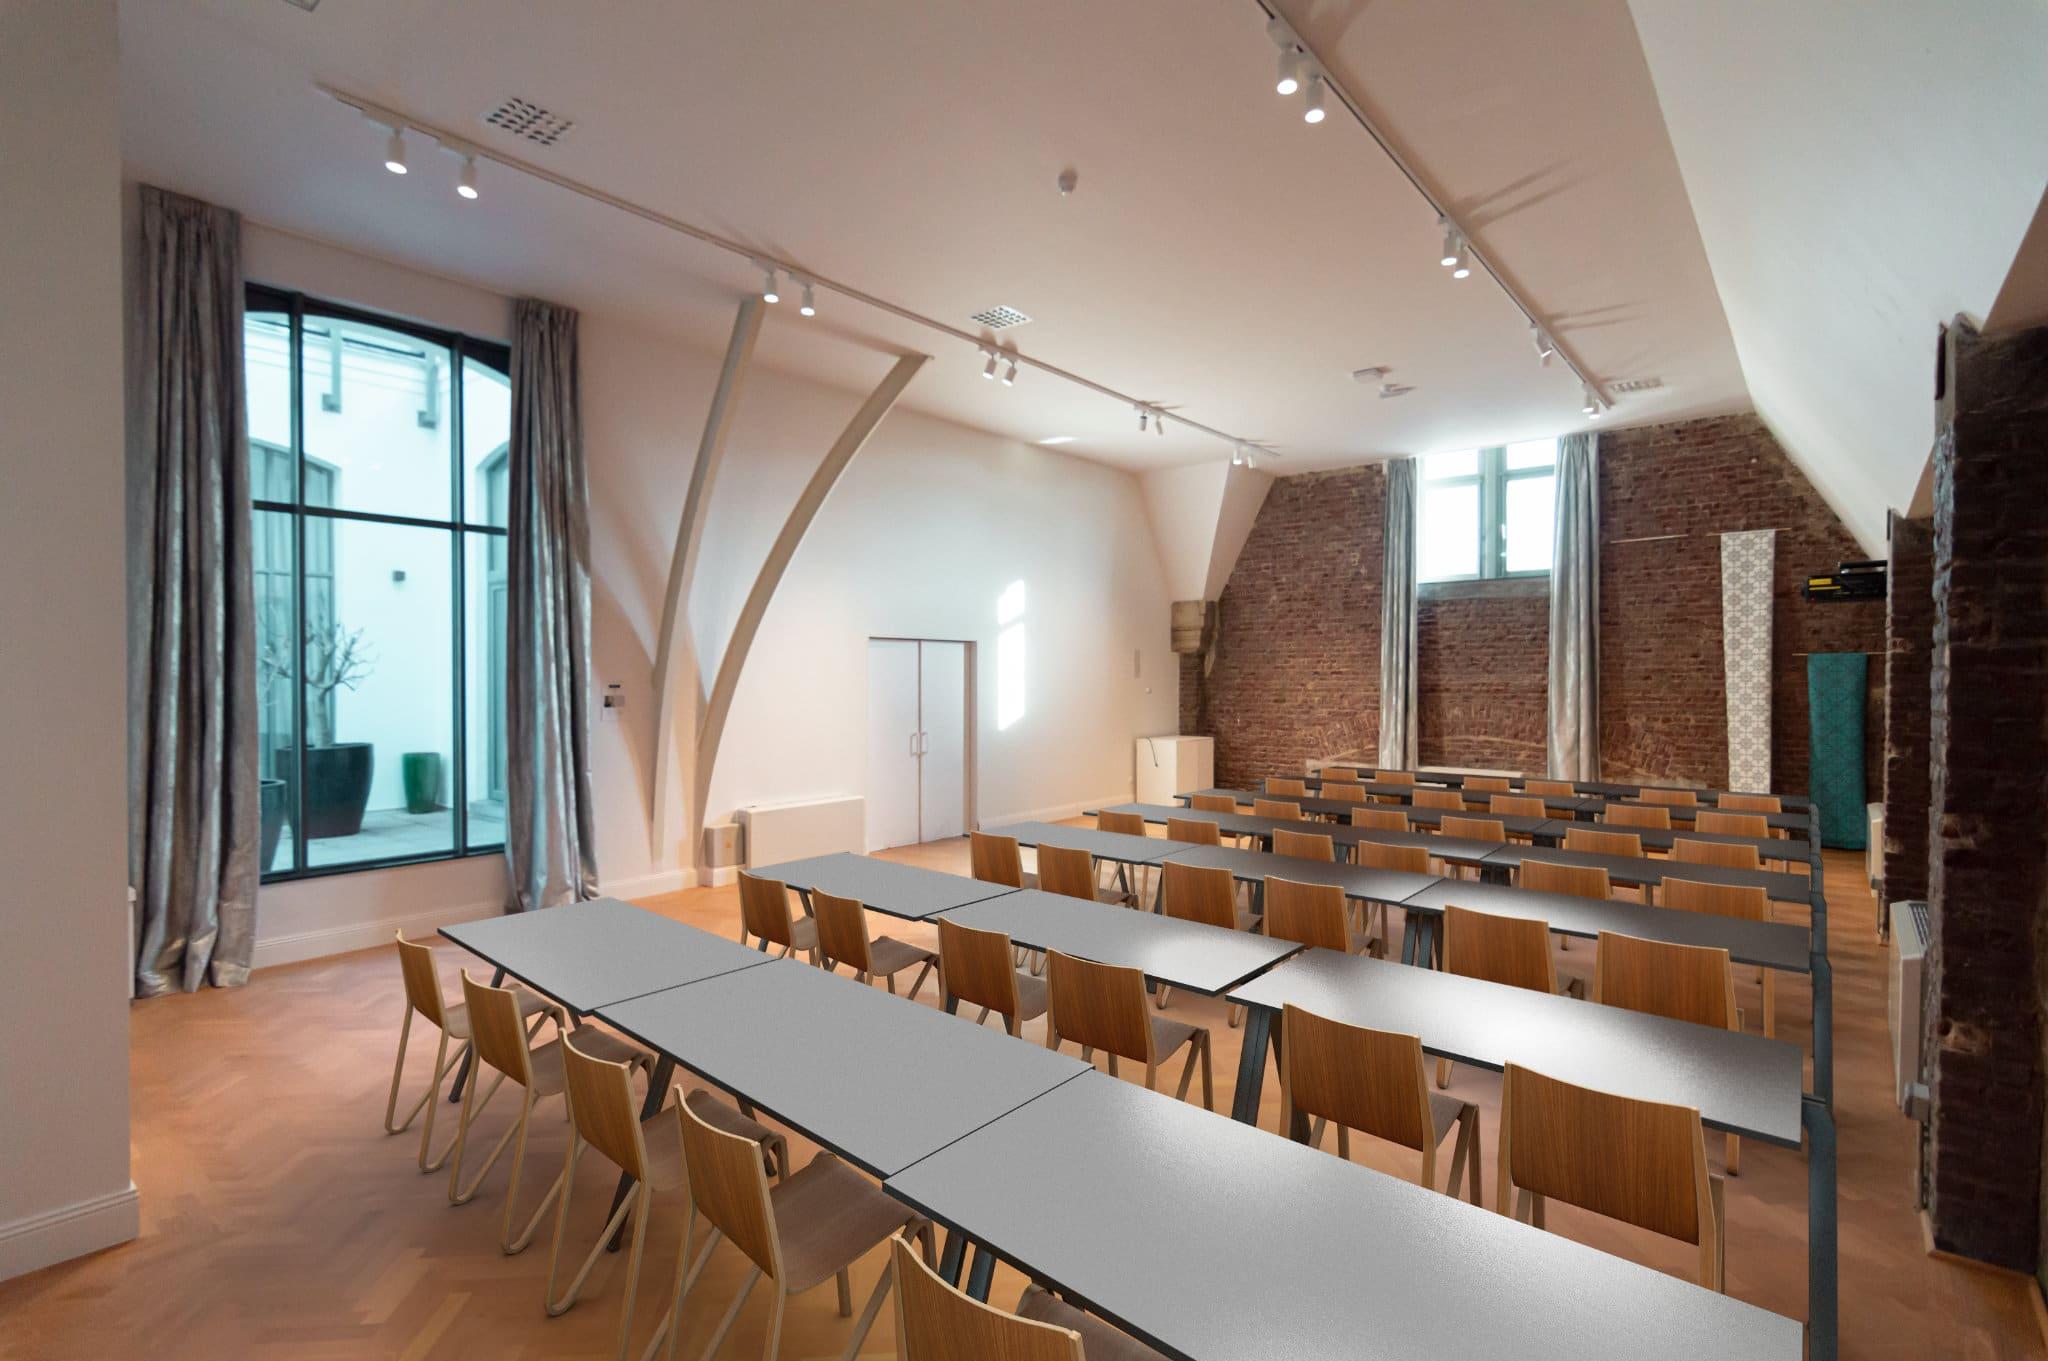 Class Room - School